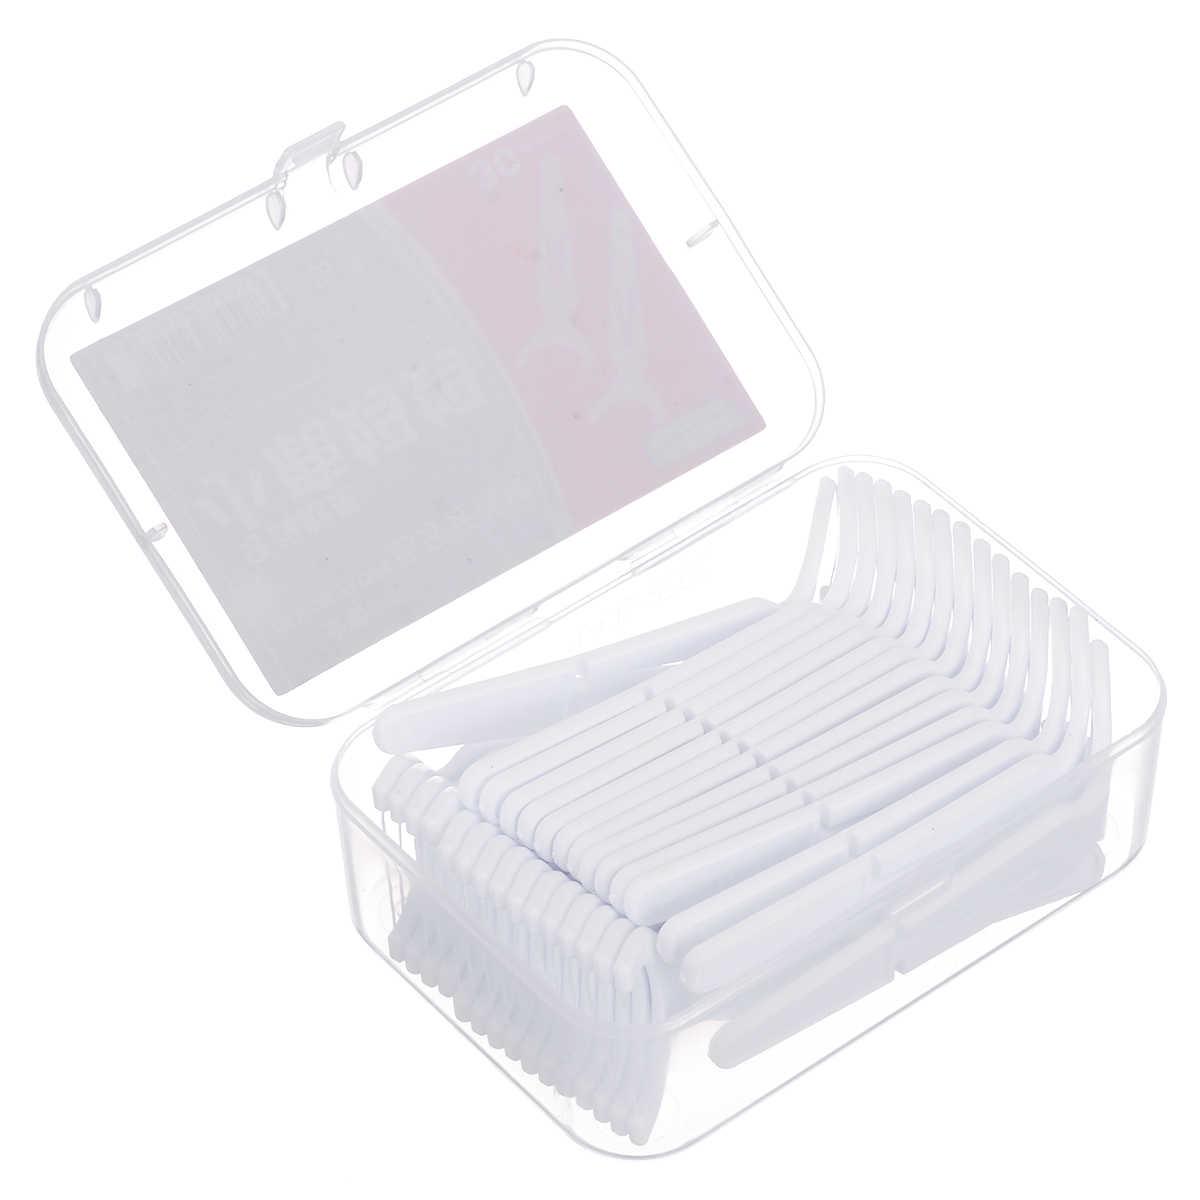 30 sztuk/pudło plastikowe nici dentystyczne Stick drut nylonowy przenośne pielęgnacja zębów Cleaner czyszczenie zębów narzędzia zestaw do higiena jamy ustnej